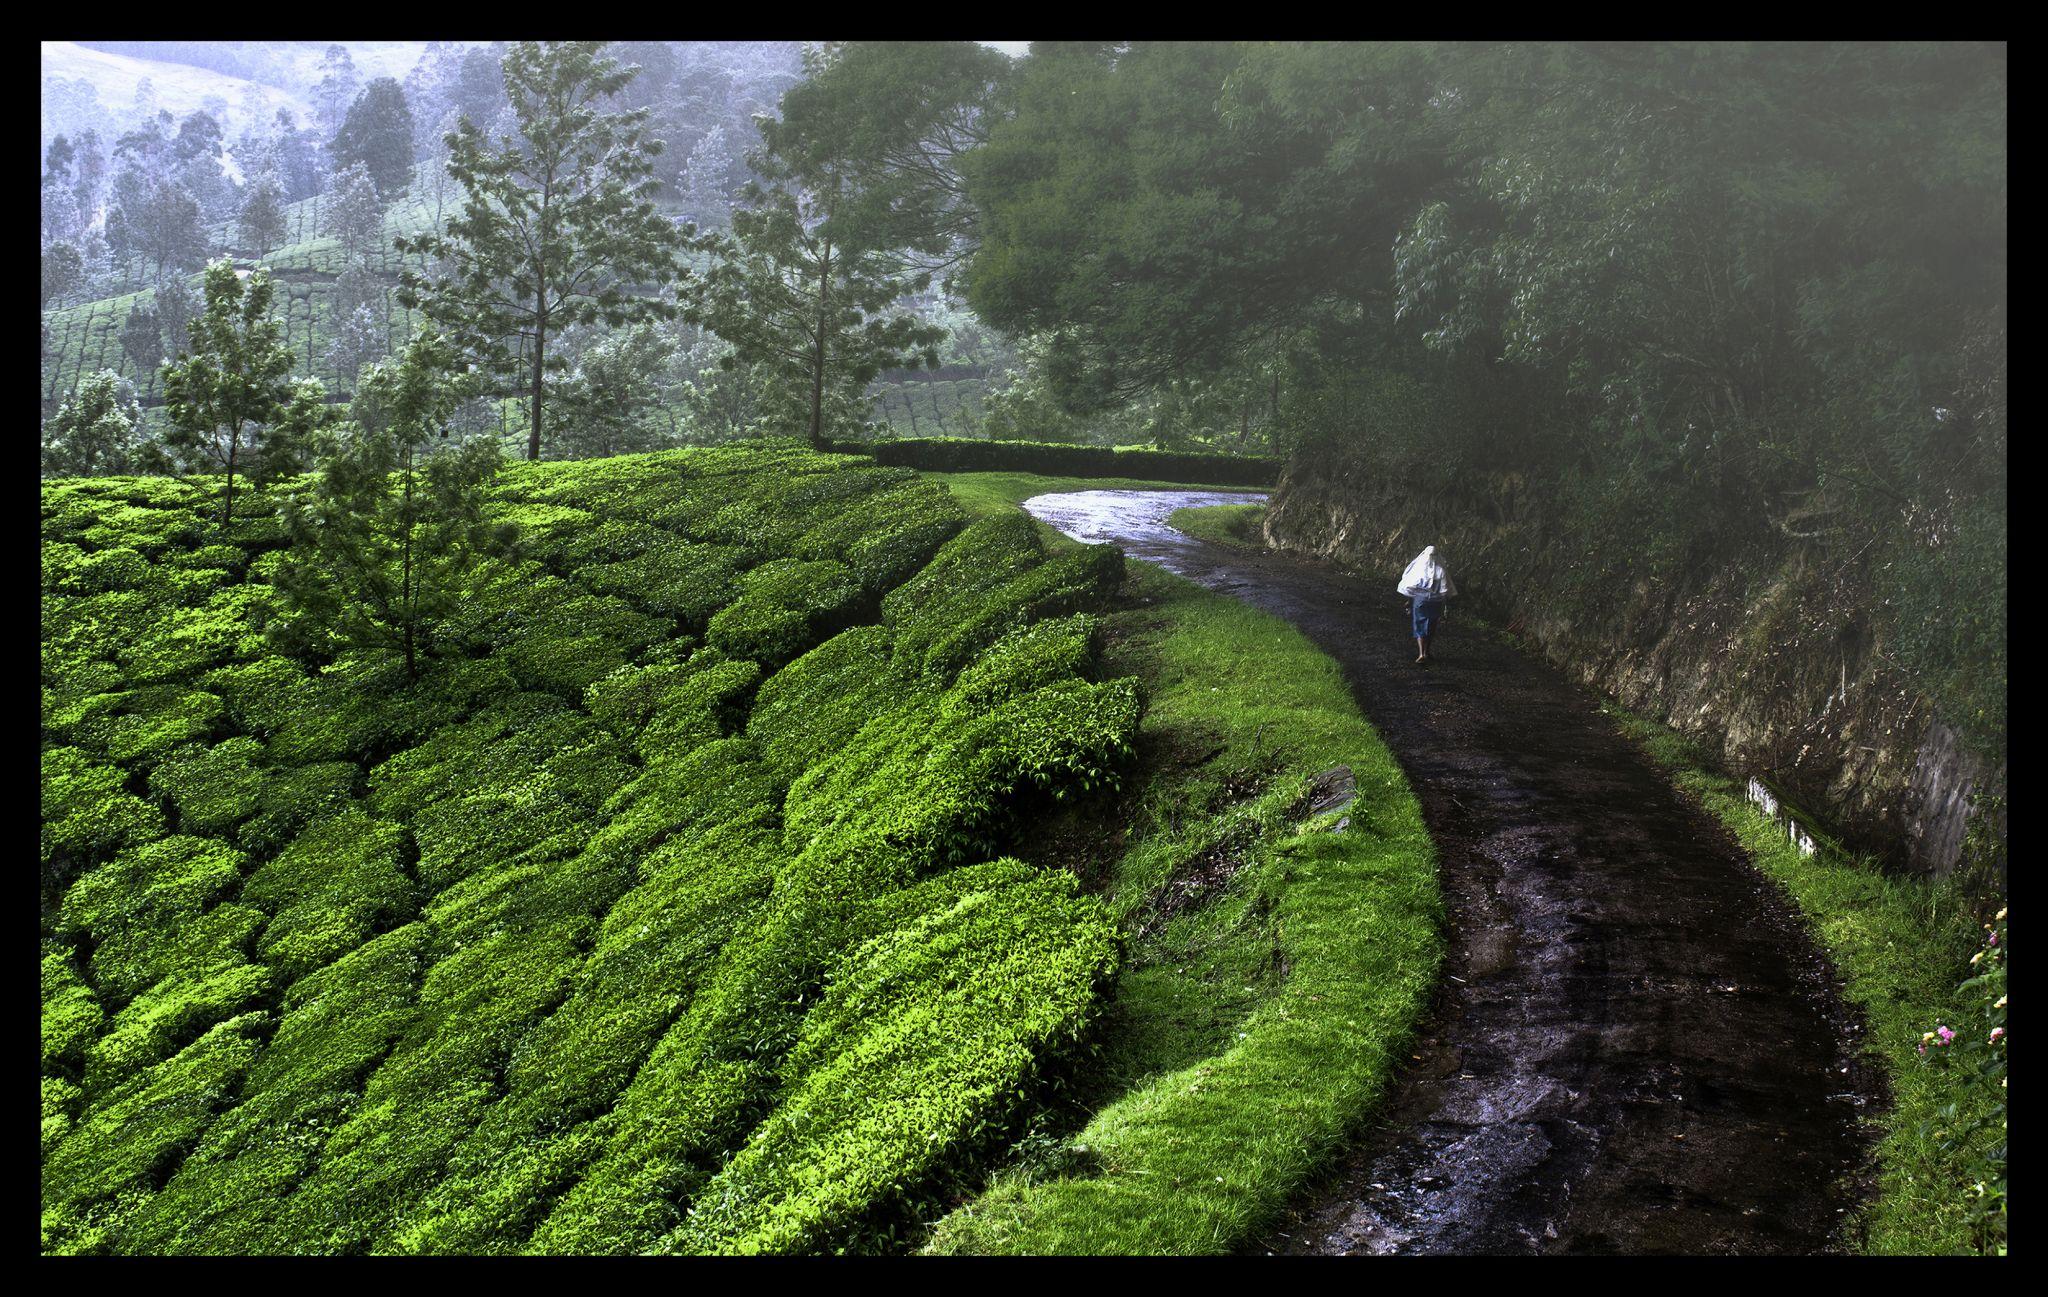 Tea plantations of Munnar, India